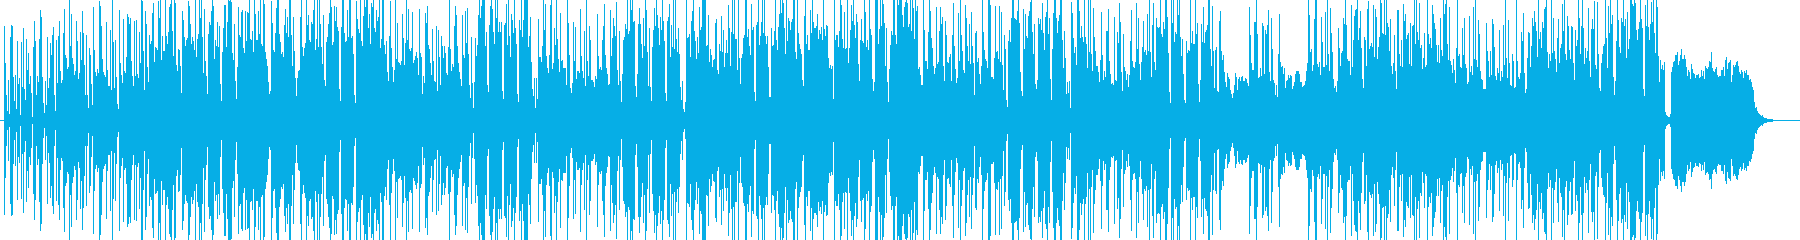 ヒップホップ版ハレルヤ ラップの再生済みの波形